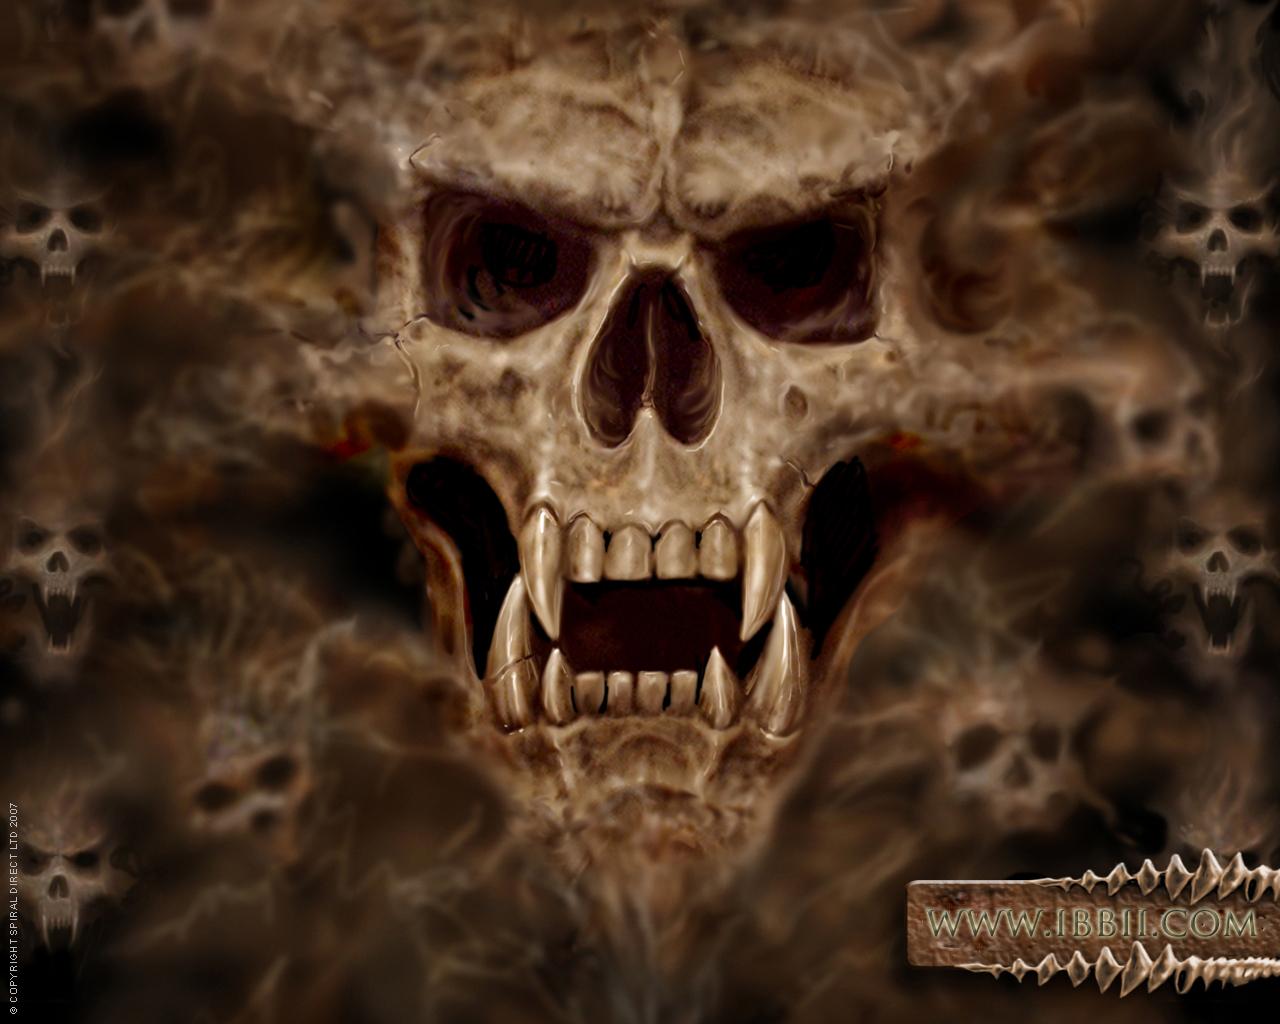 http://1.bp.blogspot.com/-emGGRfrX3k4/UHZ8pH_tJOI/AAAAAAAAANU/pJ6ndFXP75M/s1600/skull-wallpaper.jpg